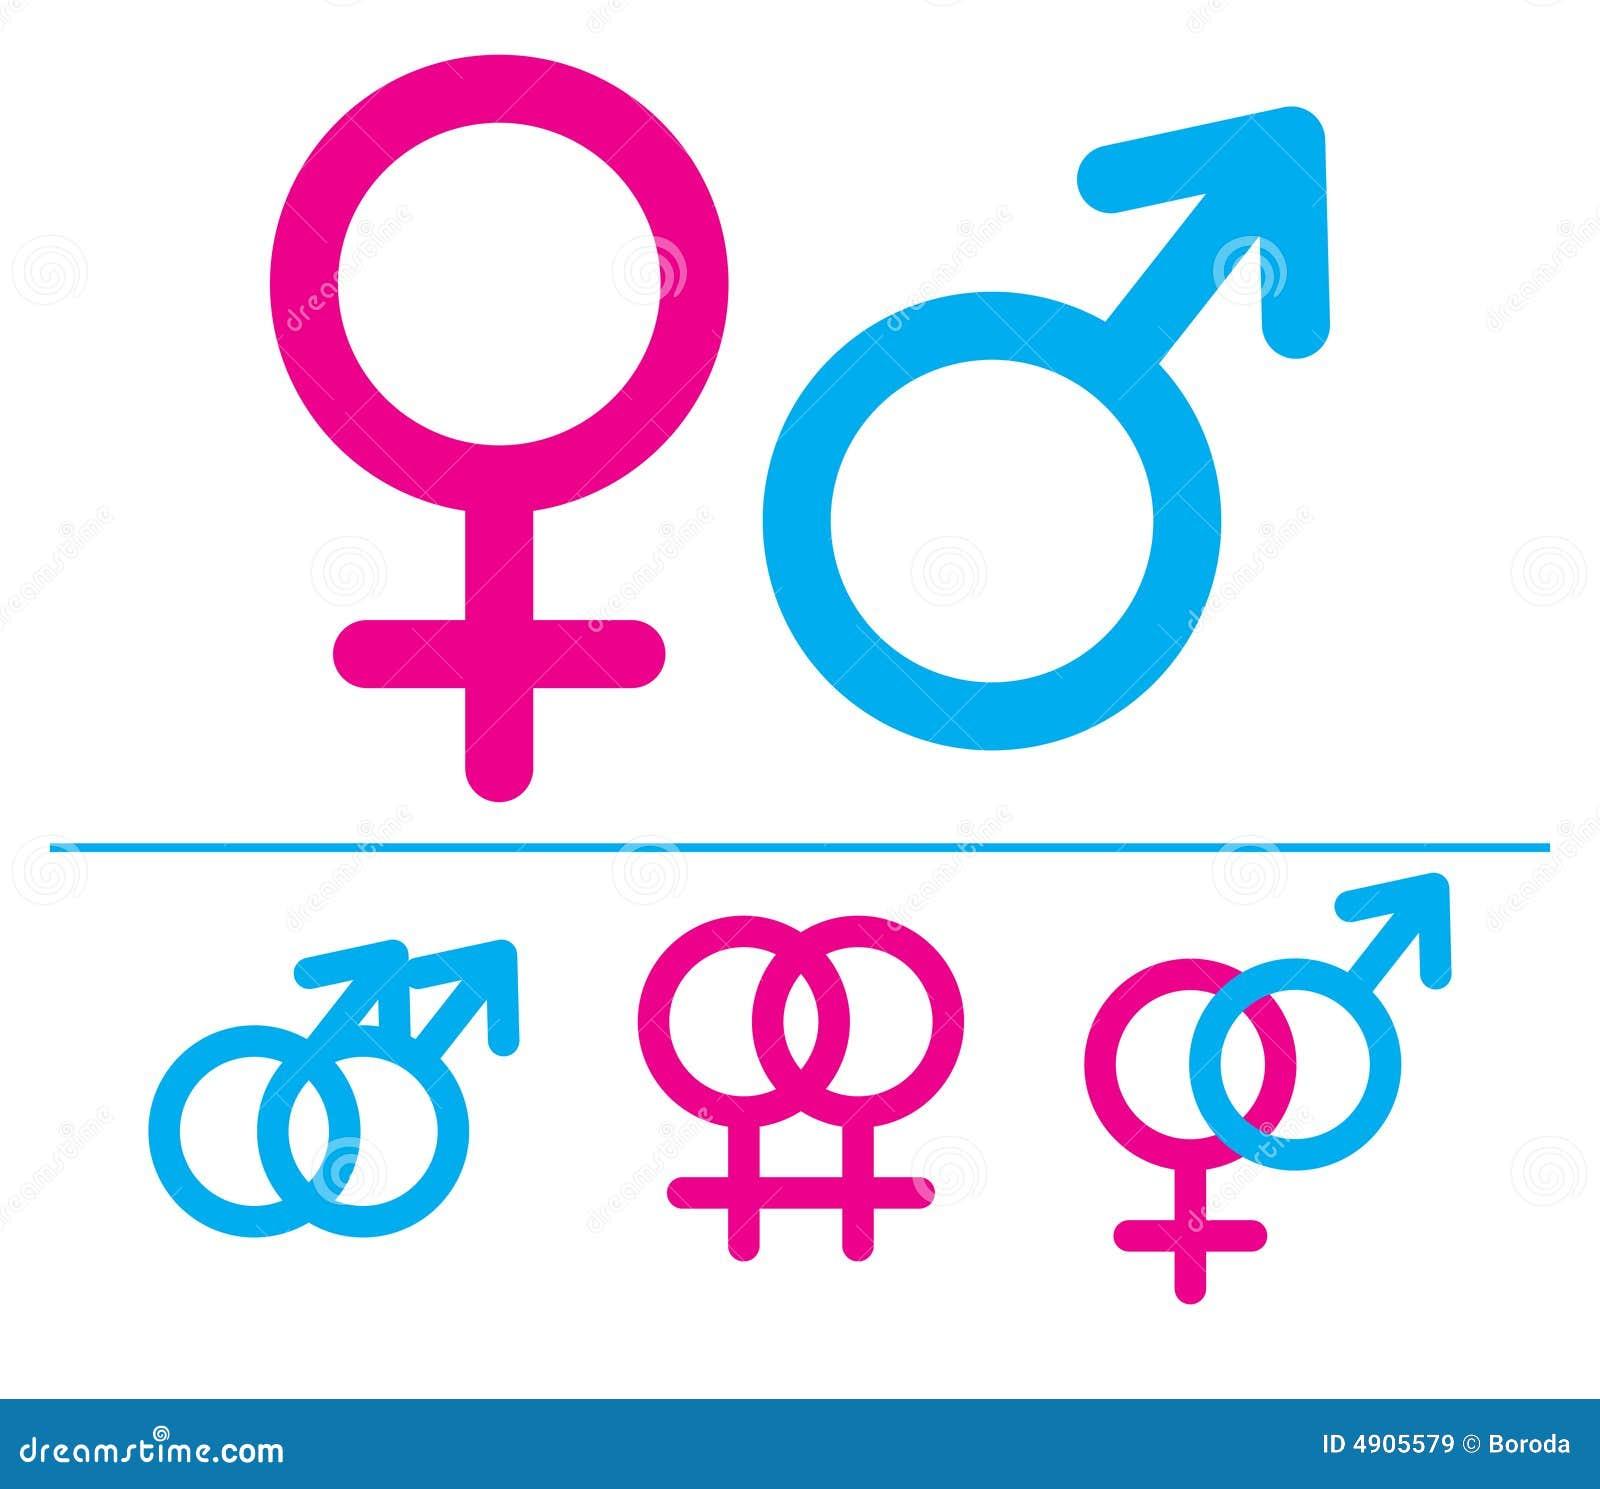 homo pige sex escorguide